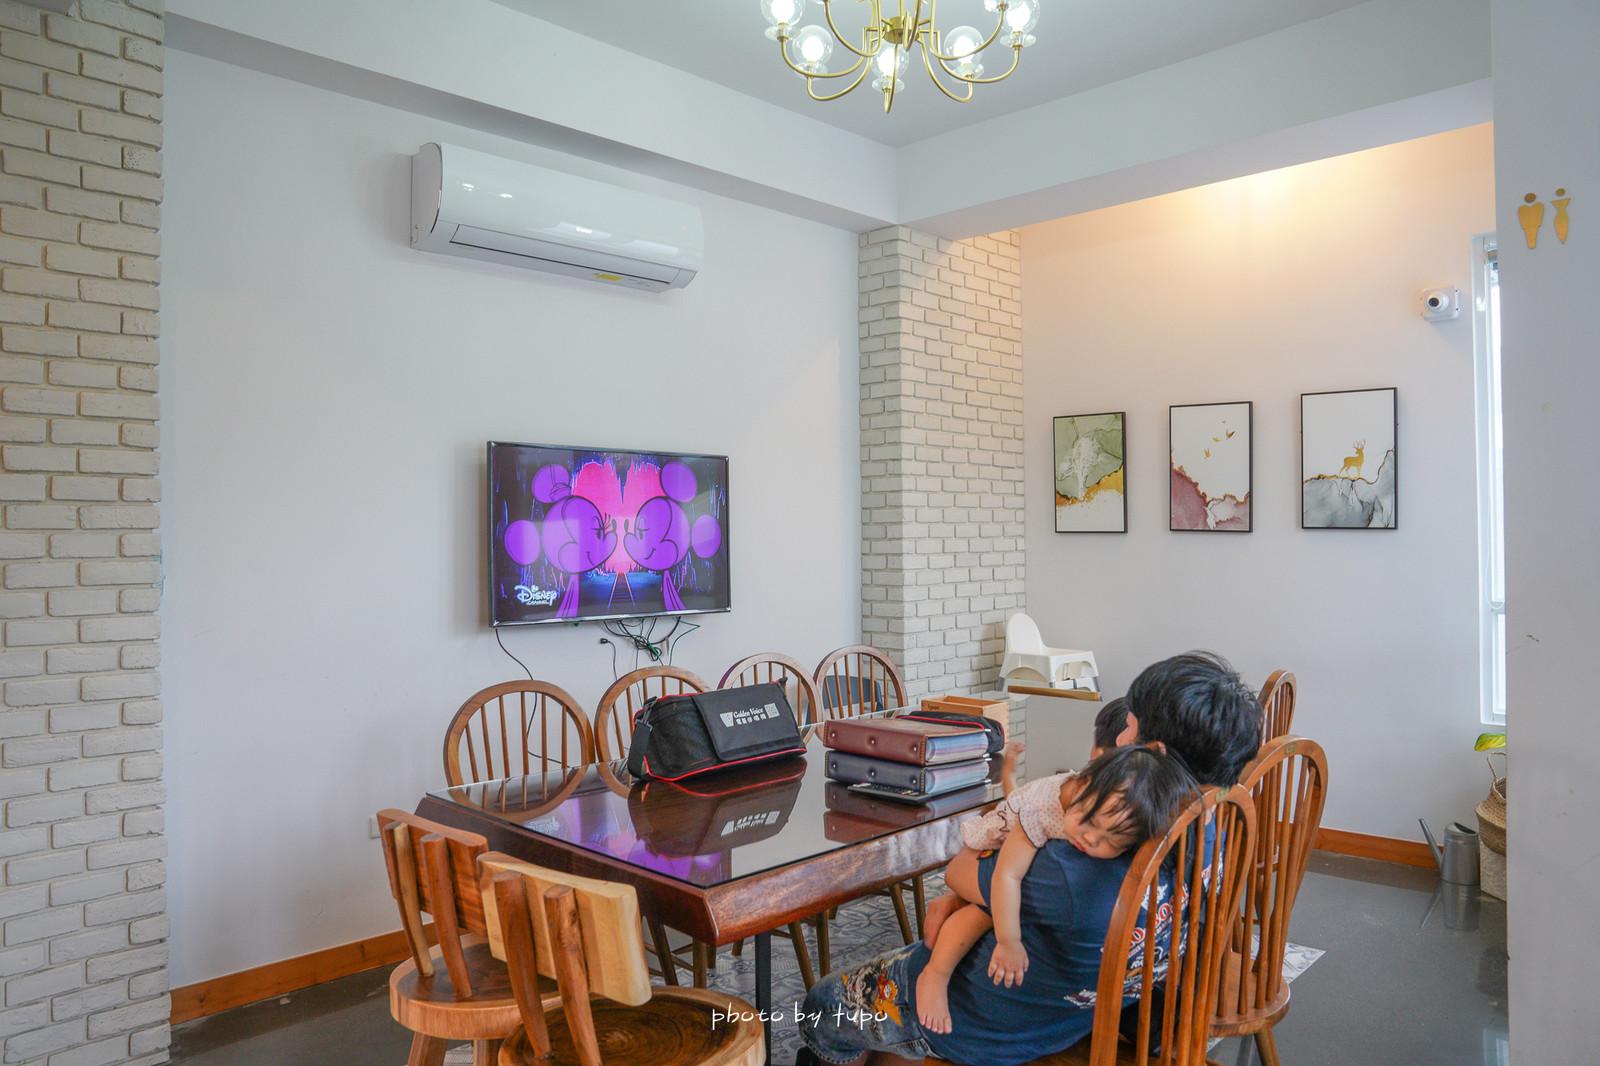 南投埔里住宿》希爾拉Villa|一天只接一組客人、唯美歐風建築、雪白戲水池、網美房、滿滿零食飲料任你吃、烤肉唱歌麻將一次滿足。